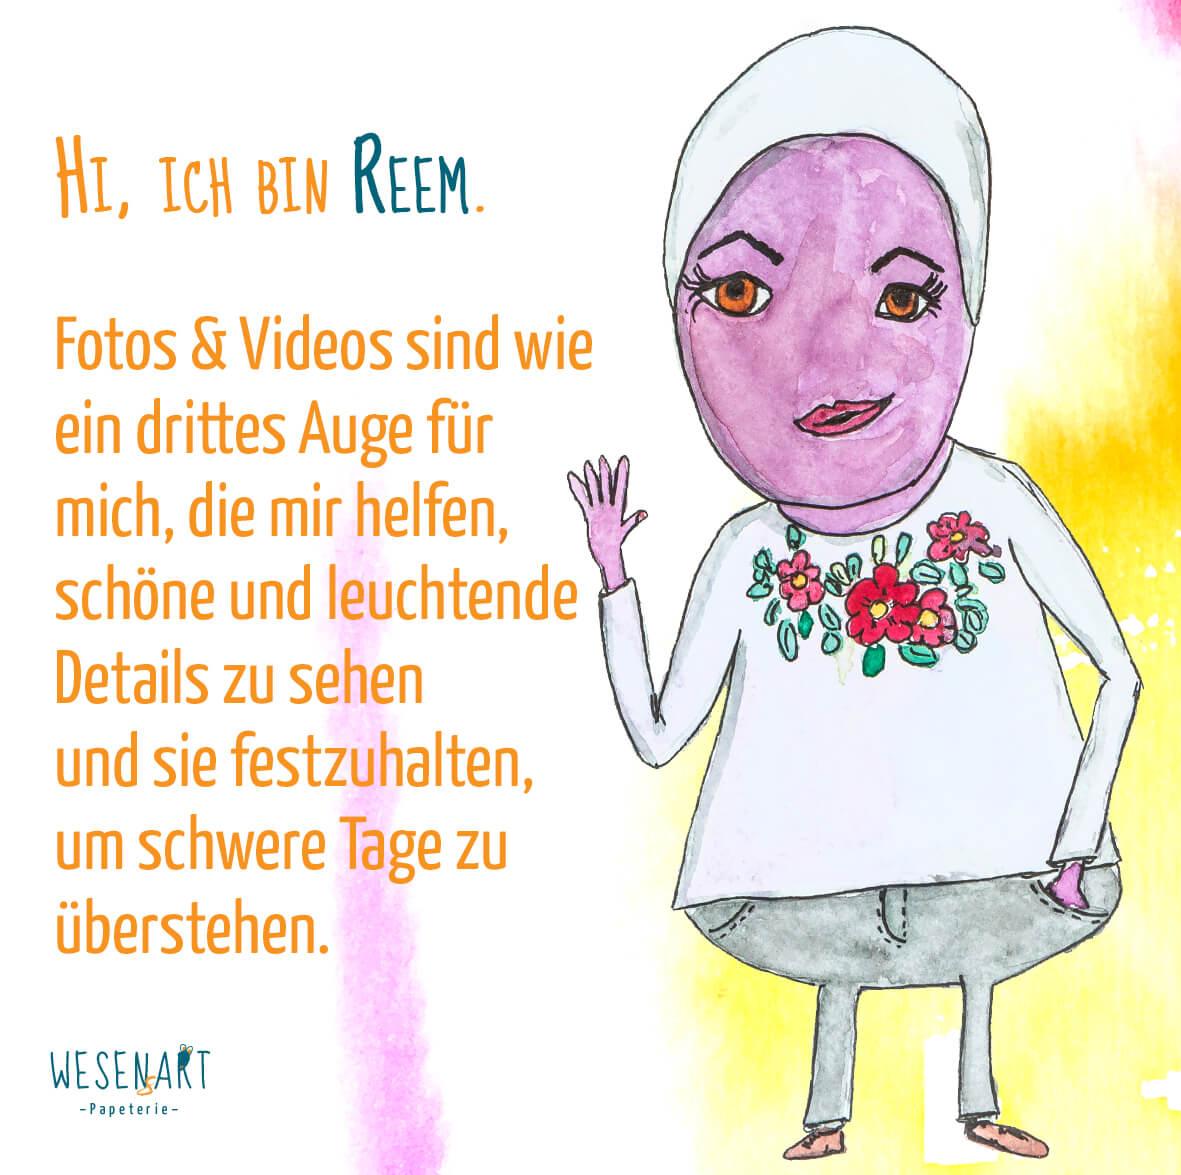 Reem – ein pinkes Wesen mit Hijab, sagt das Fotos und Videos wie ein drittes Auge für sie sind und ihr helfen, schöne und leuchtende Details zu sehen.